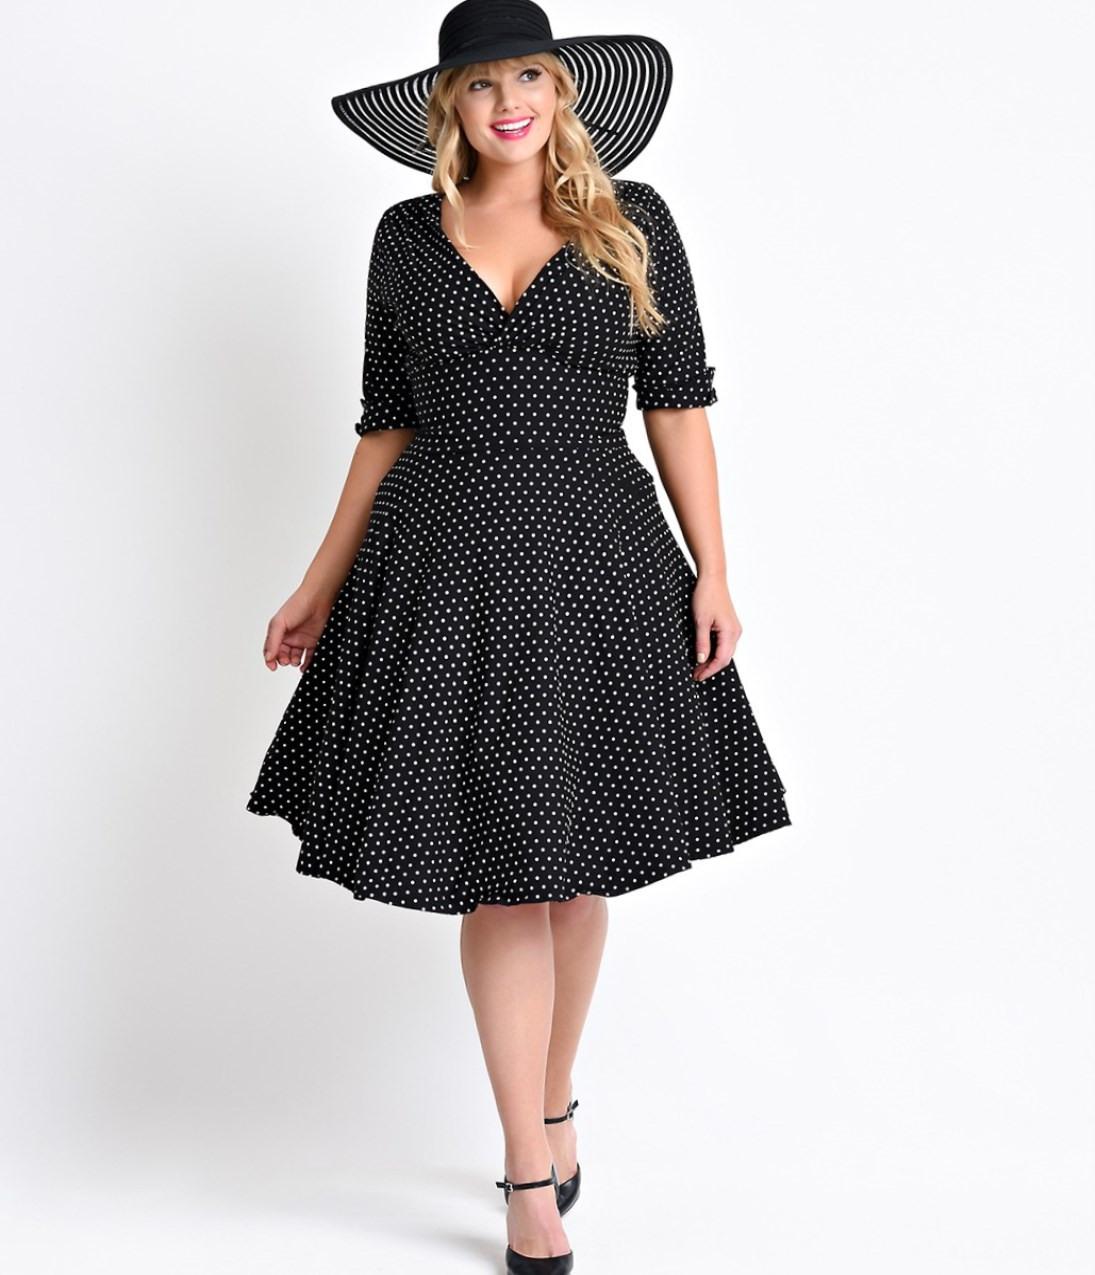 Vintage Kleider Große Größe - Trends 2019